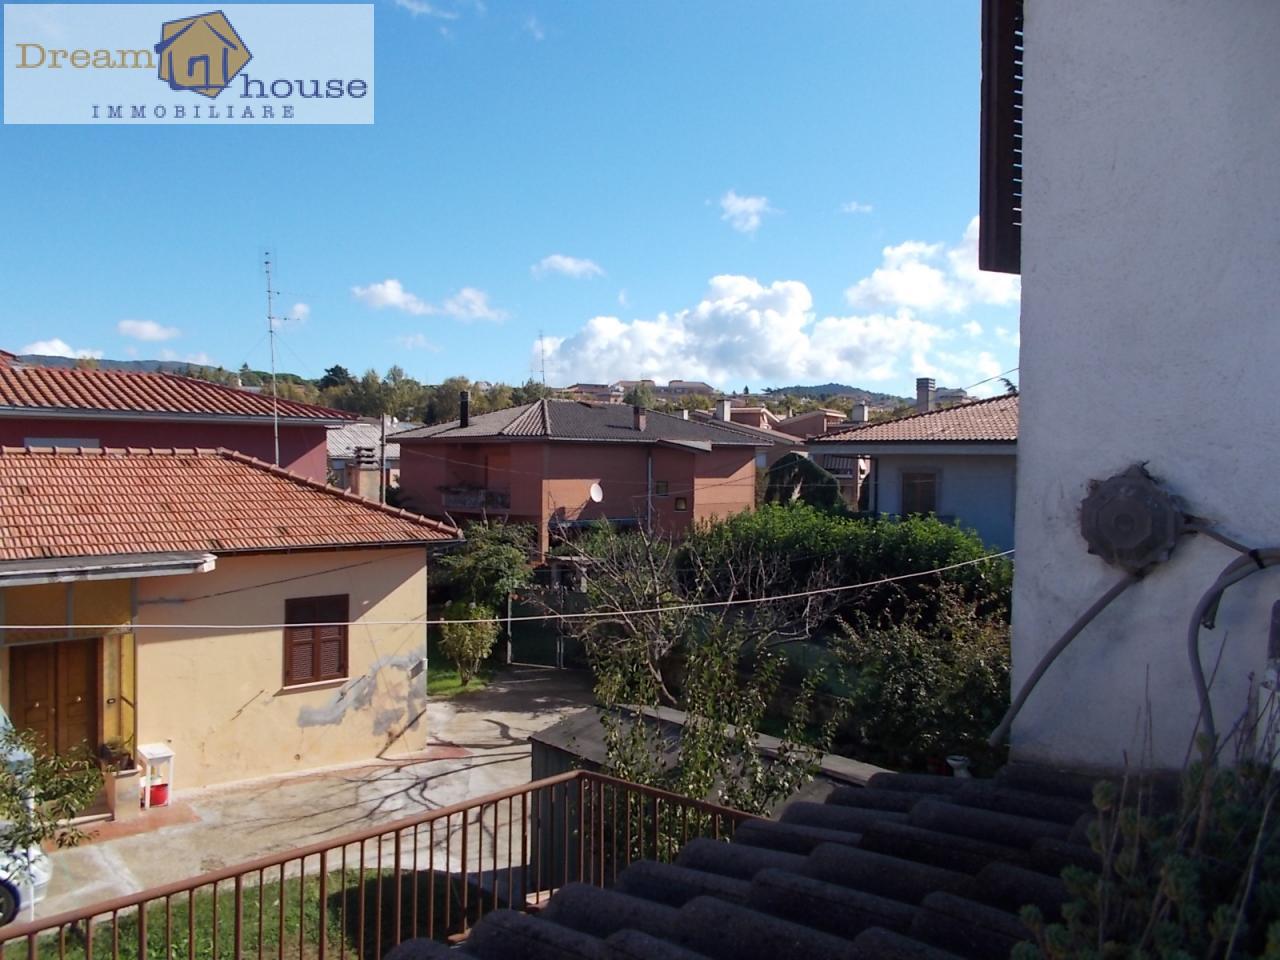 Appartamento in vendita a Genzano di Roma, 3 locali, prezzo € 65.000 | CambioCasa.it